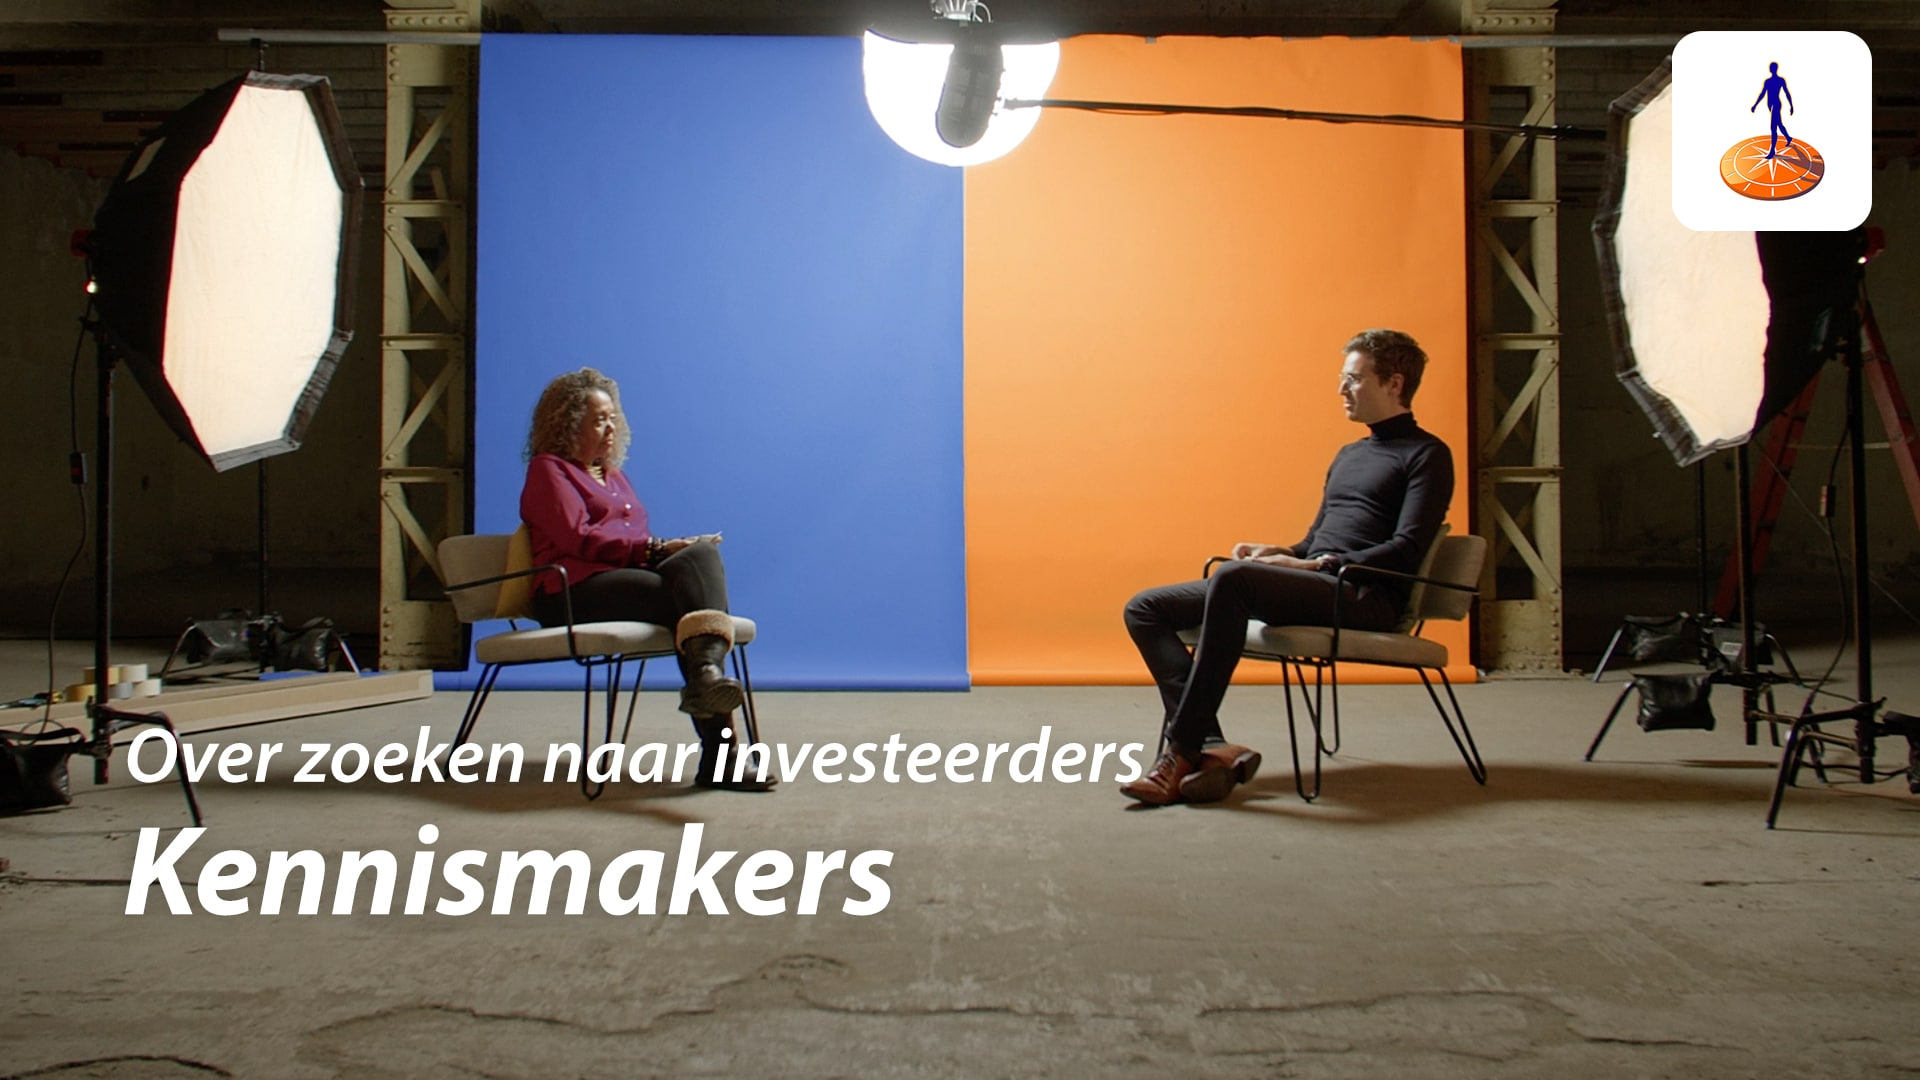 Kennismakers